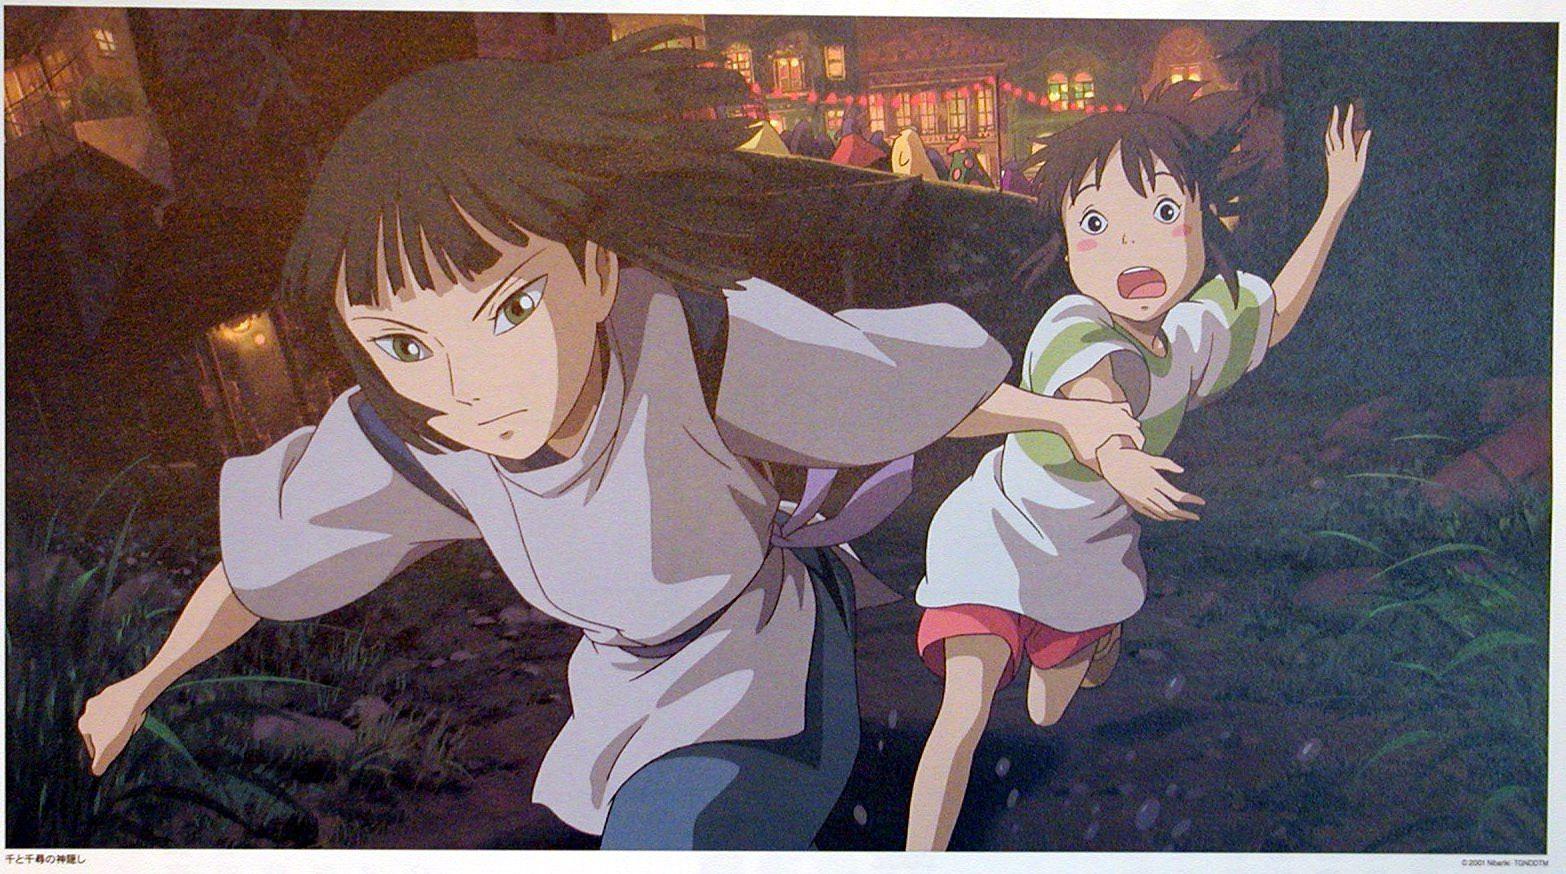 Anything Anime In Our World Photo Spirited Away Studio Ghibli Movies Spirited Away Hayao Miyazaki